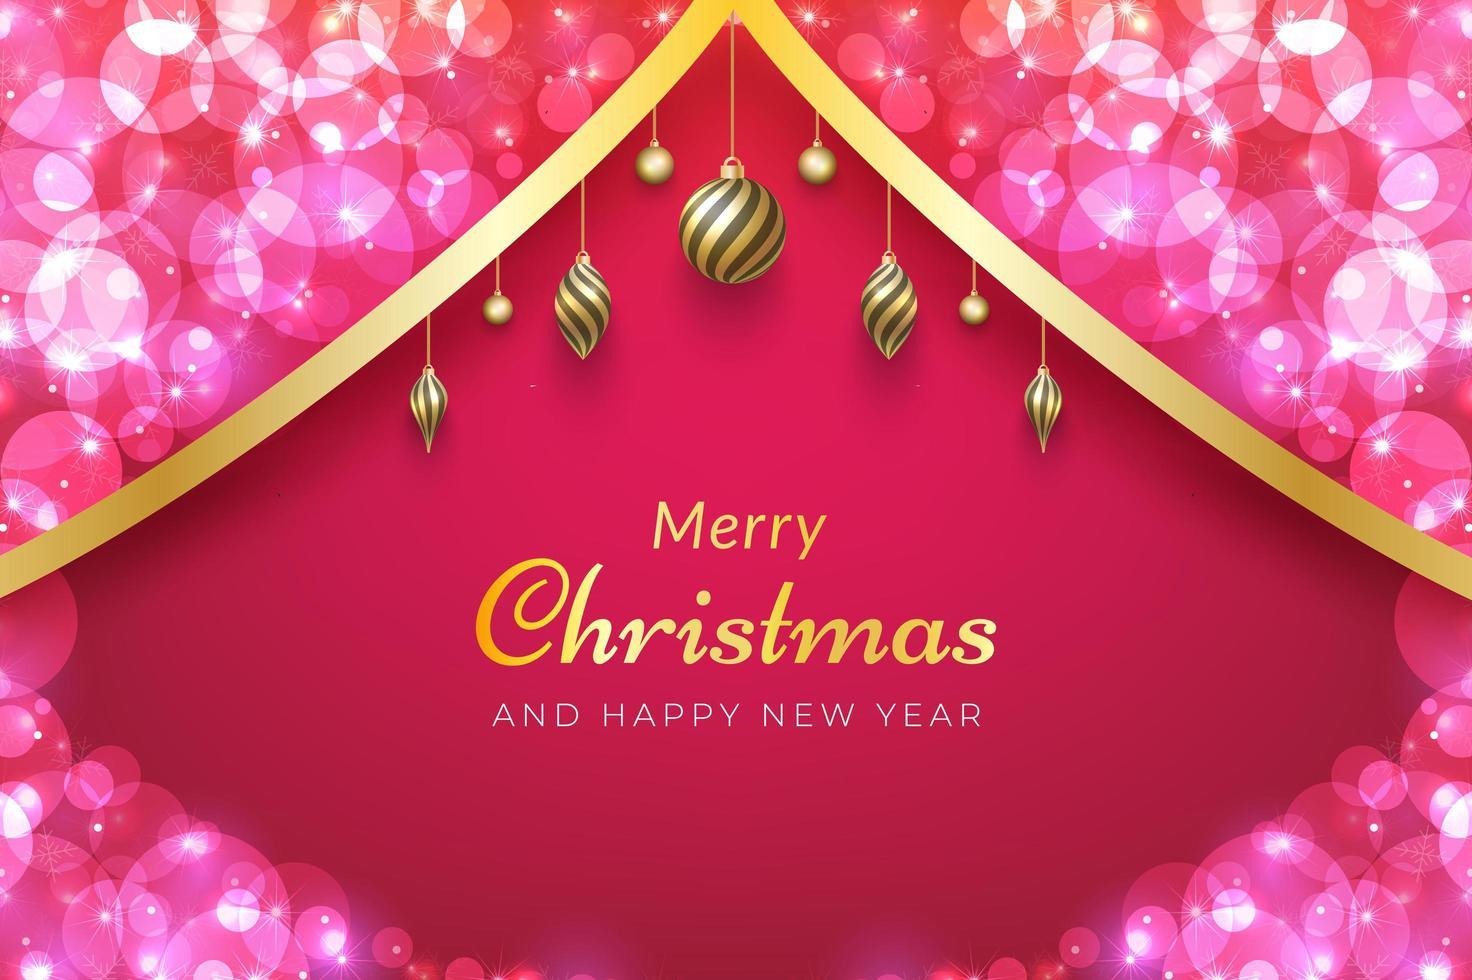 fond de Noël avec ruban d'or, ornements et bokeh rose vecteur